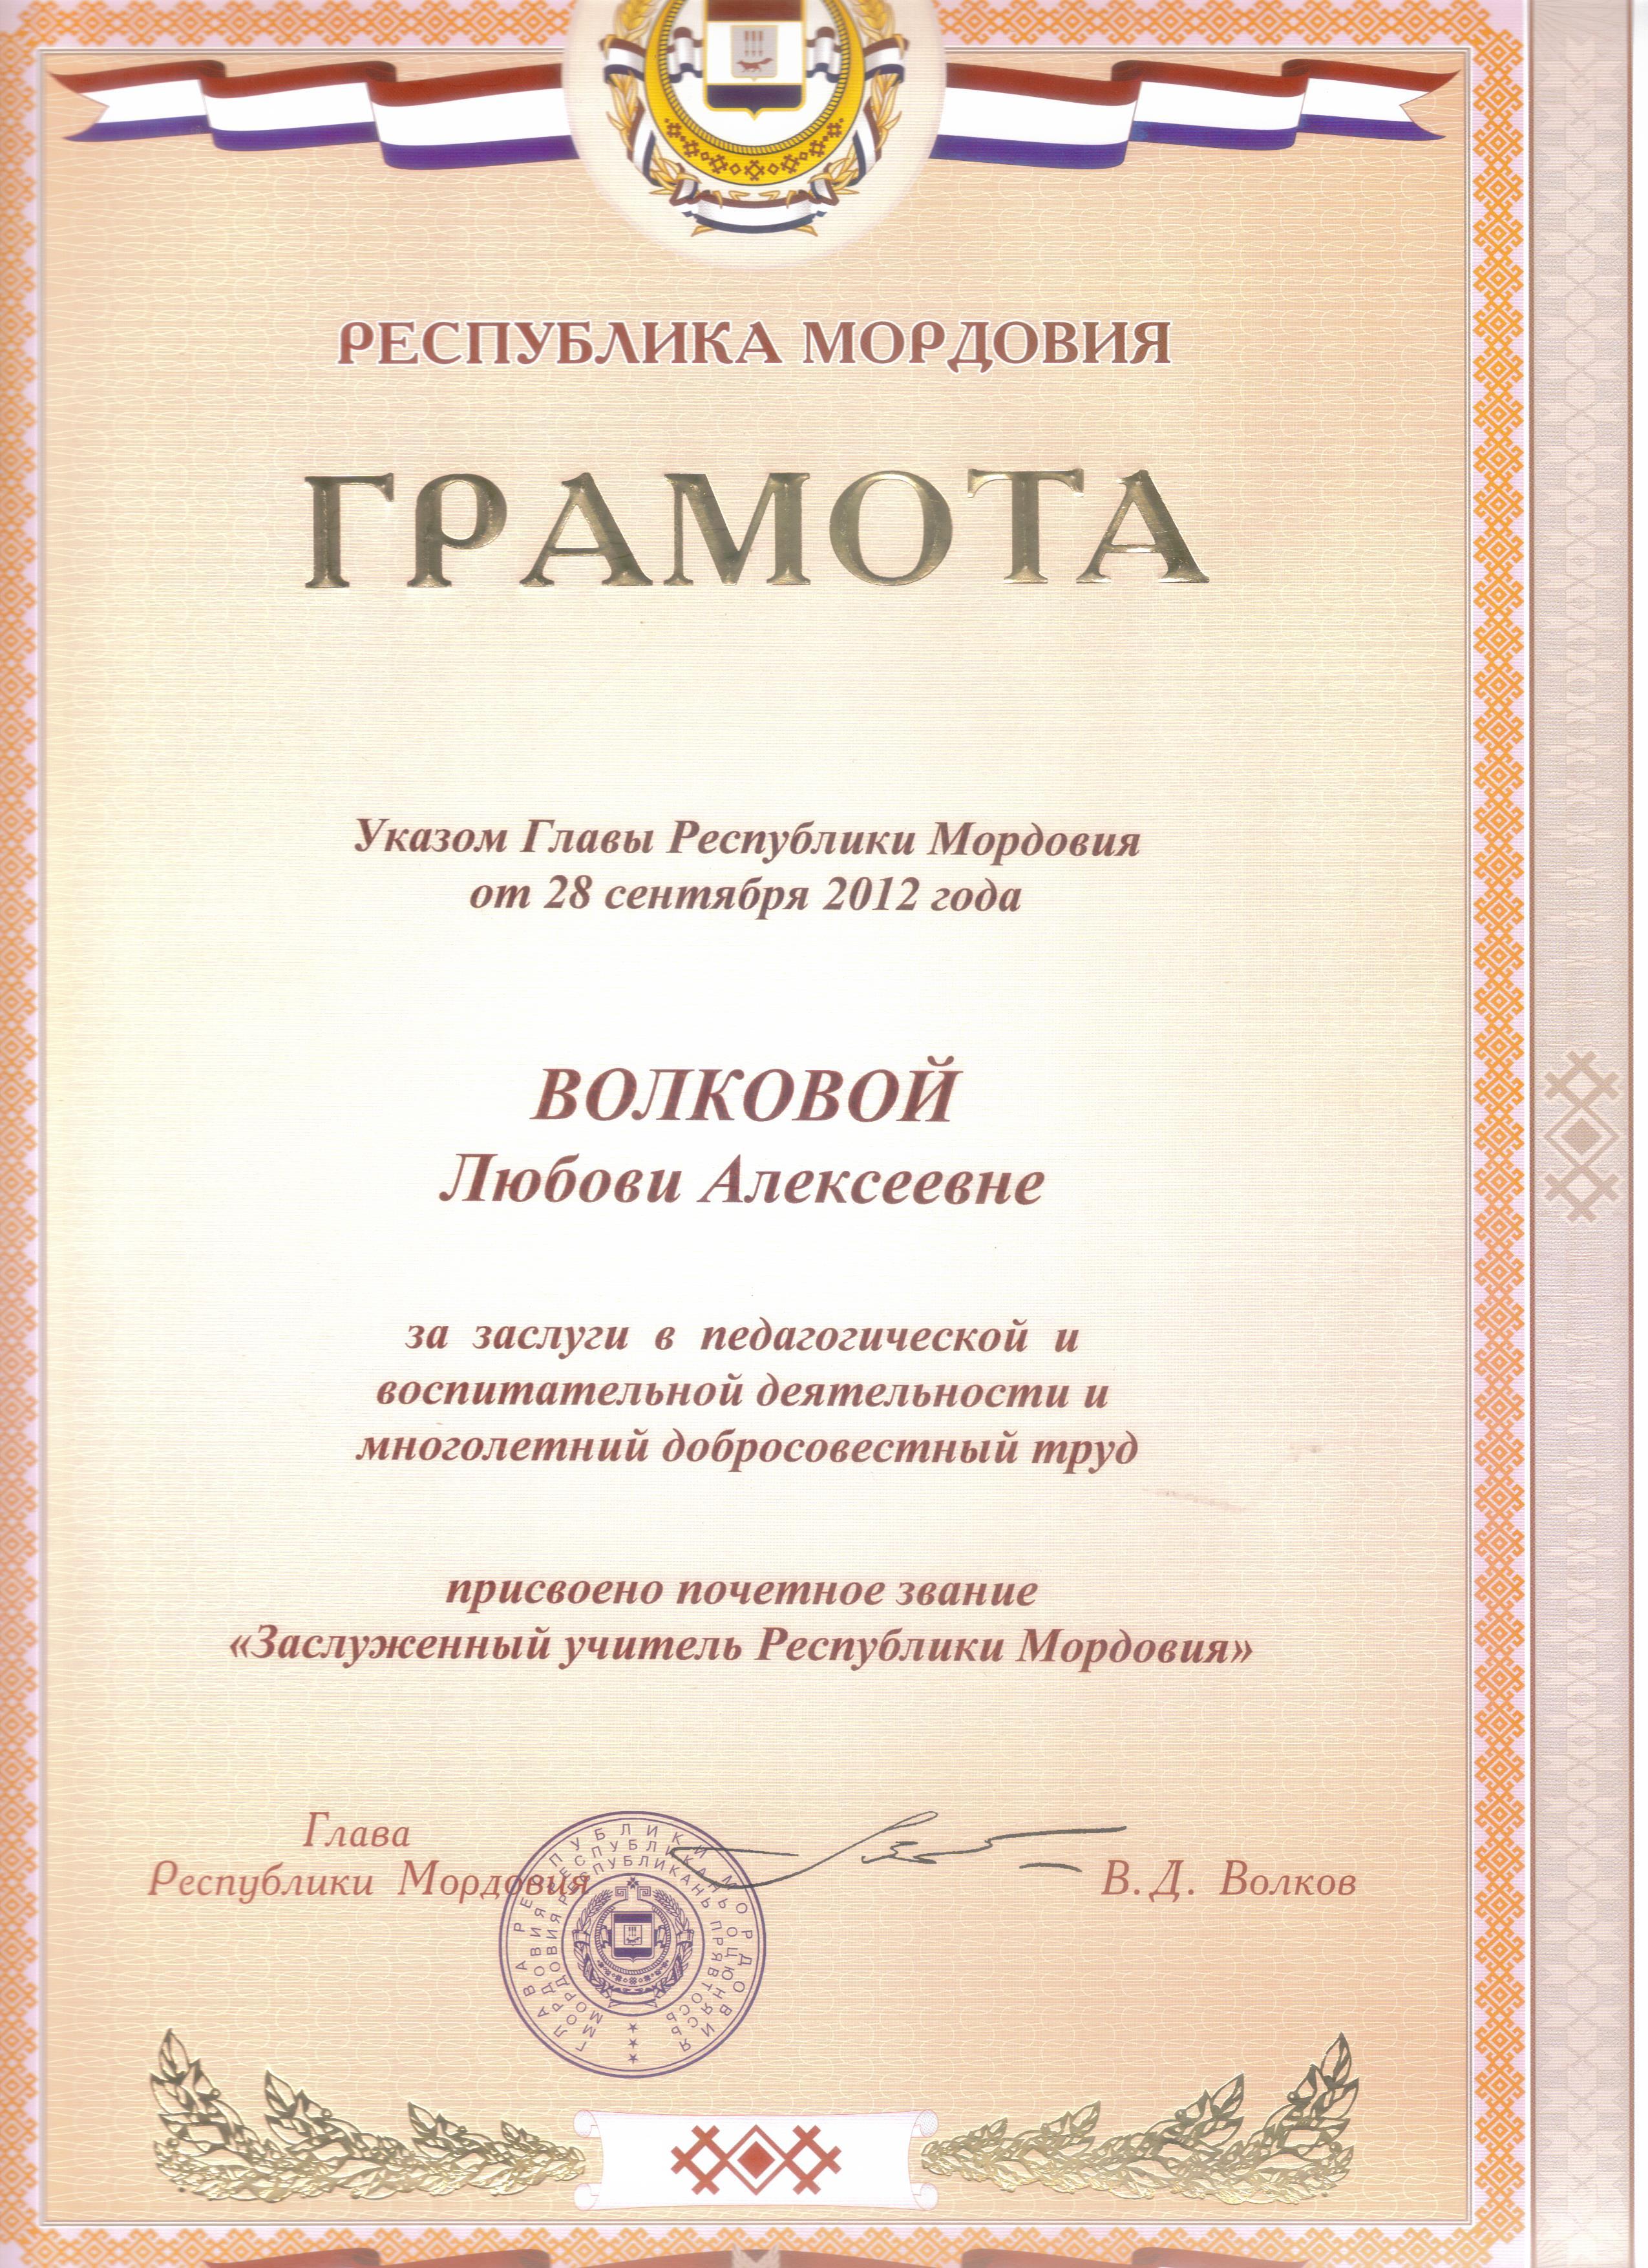 образец документов необходимые для представления на звание заслуженный учитель дагестана